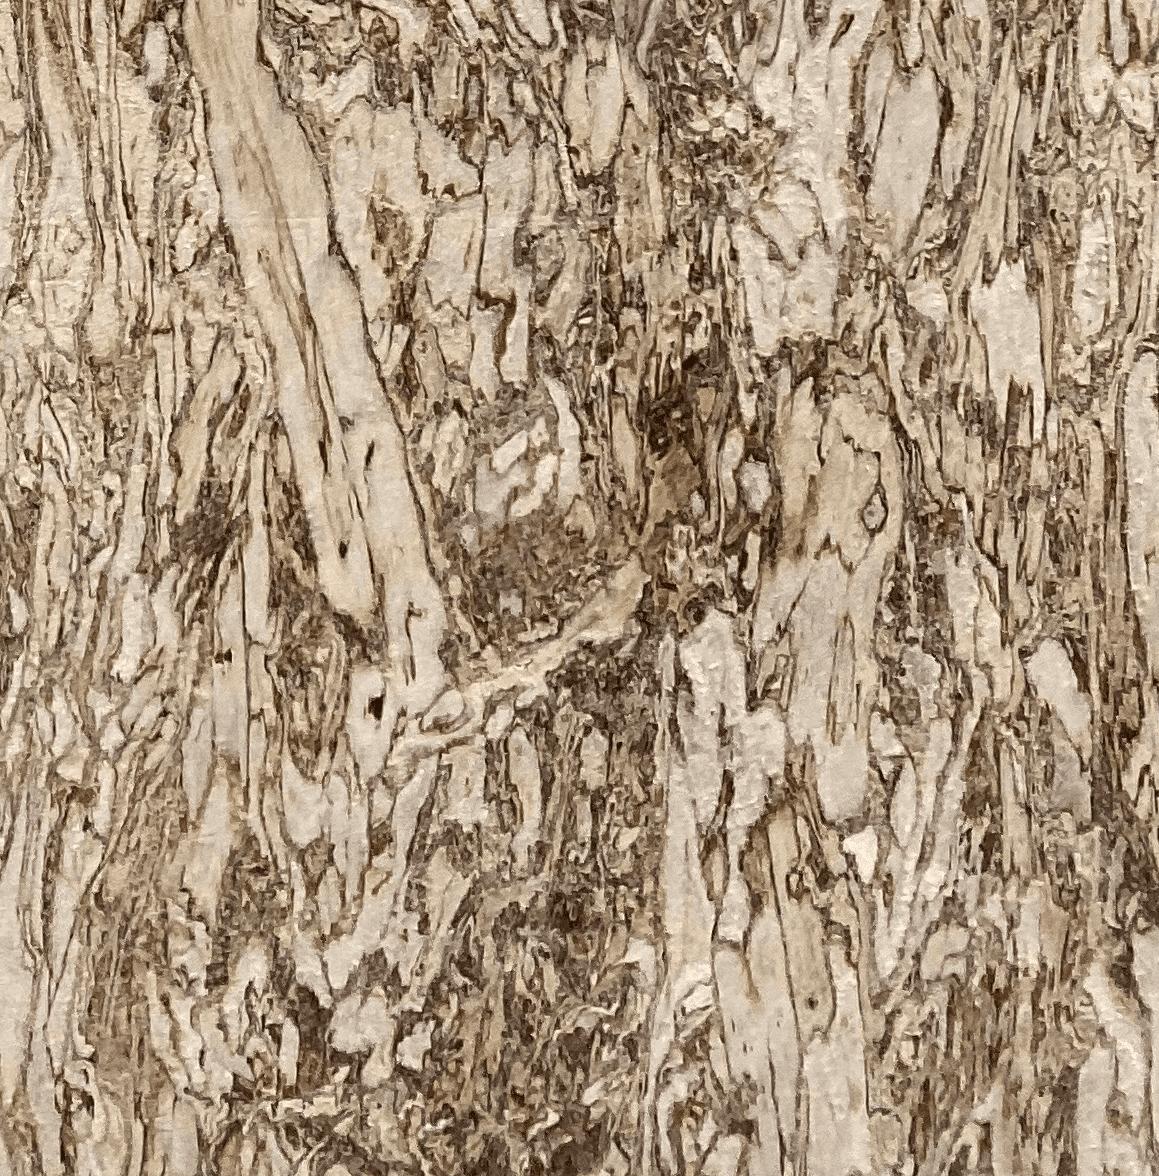 sustainable wood turning hemp products